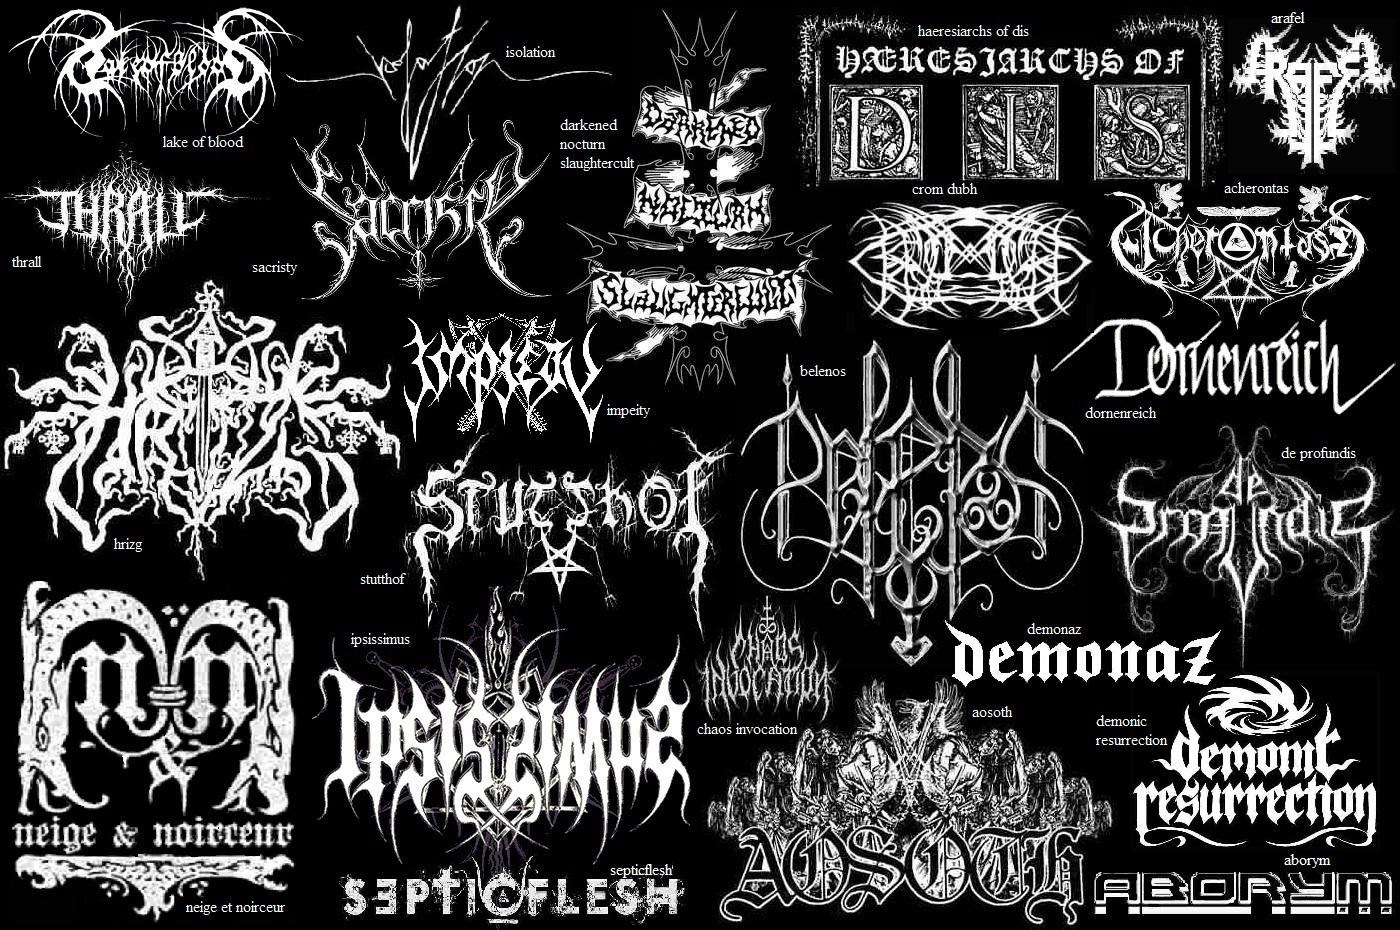 Teen Metal Bands 80